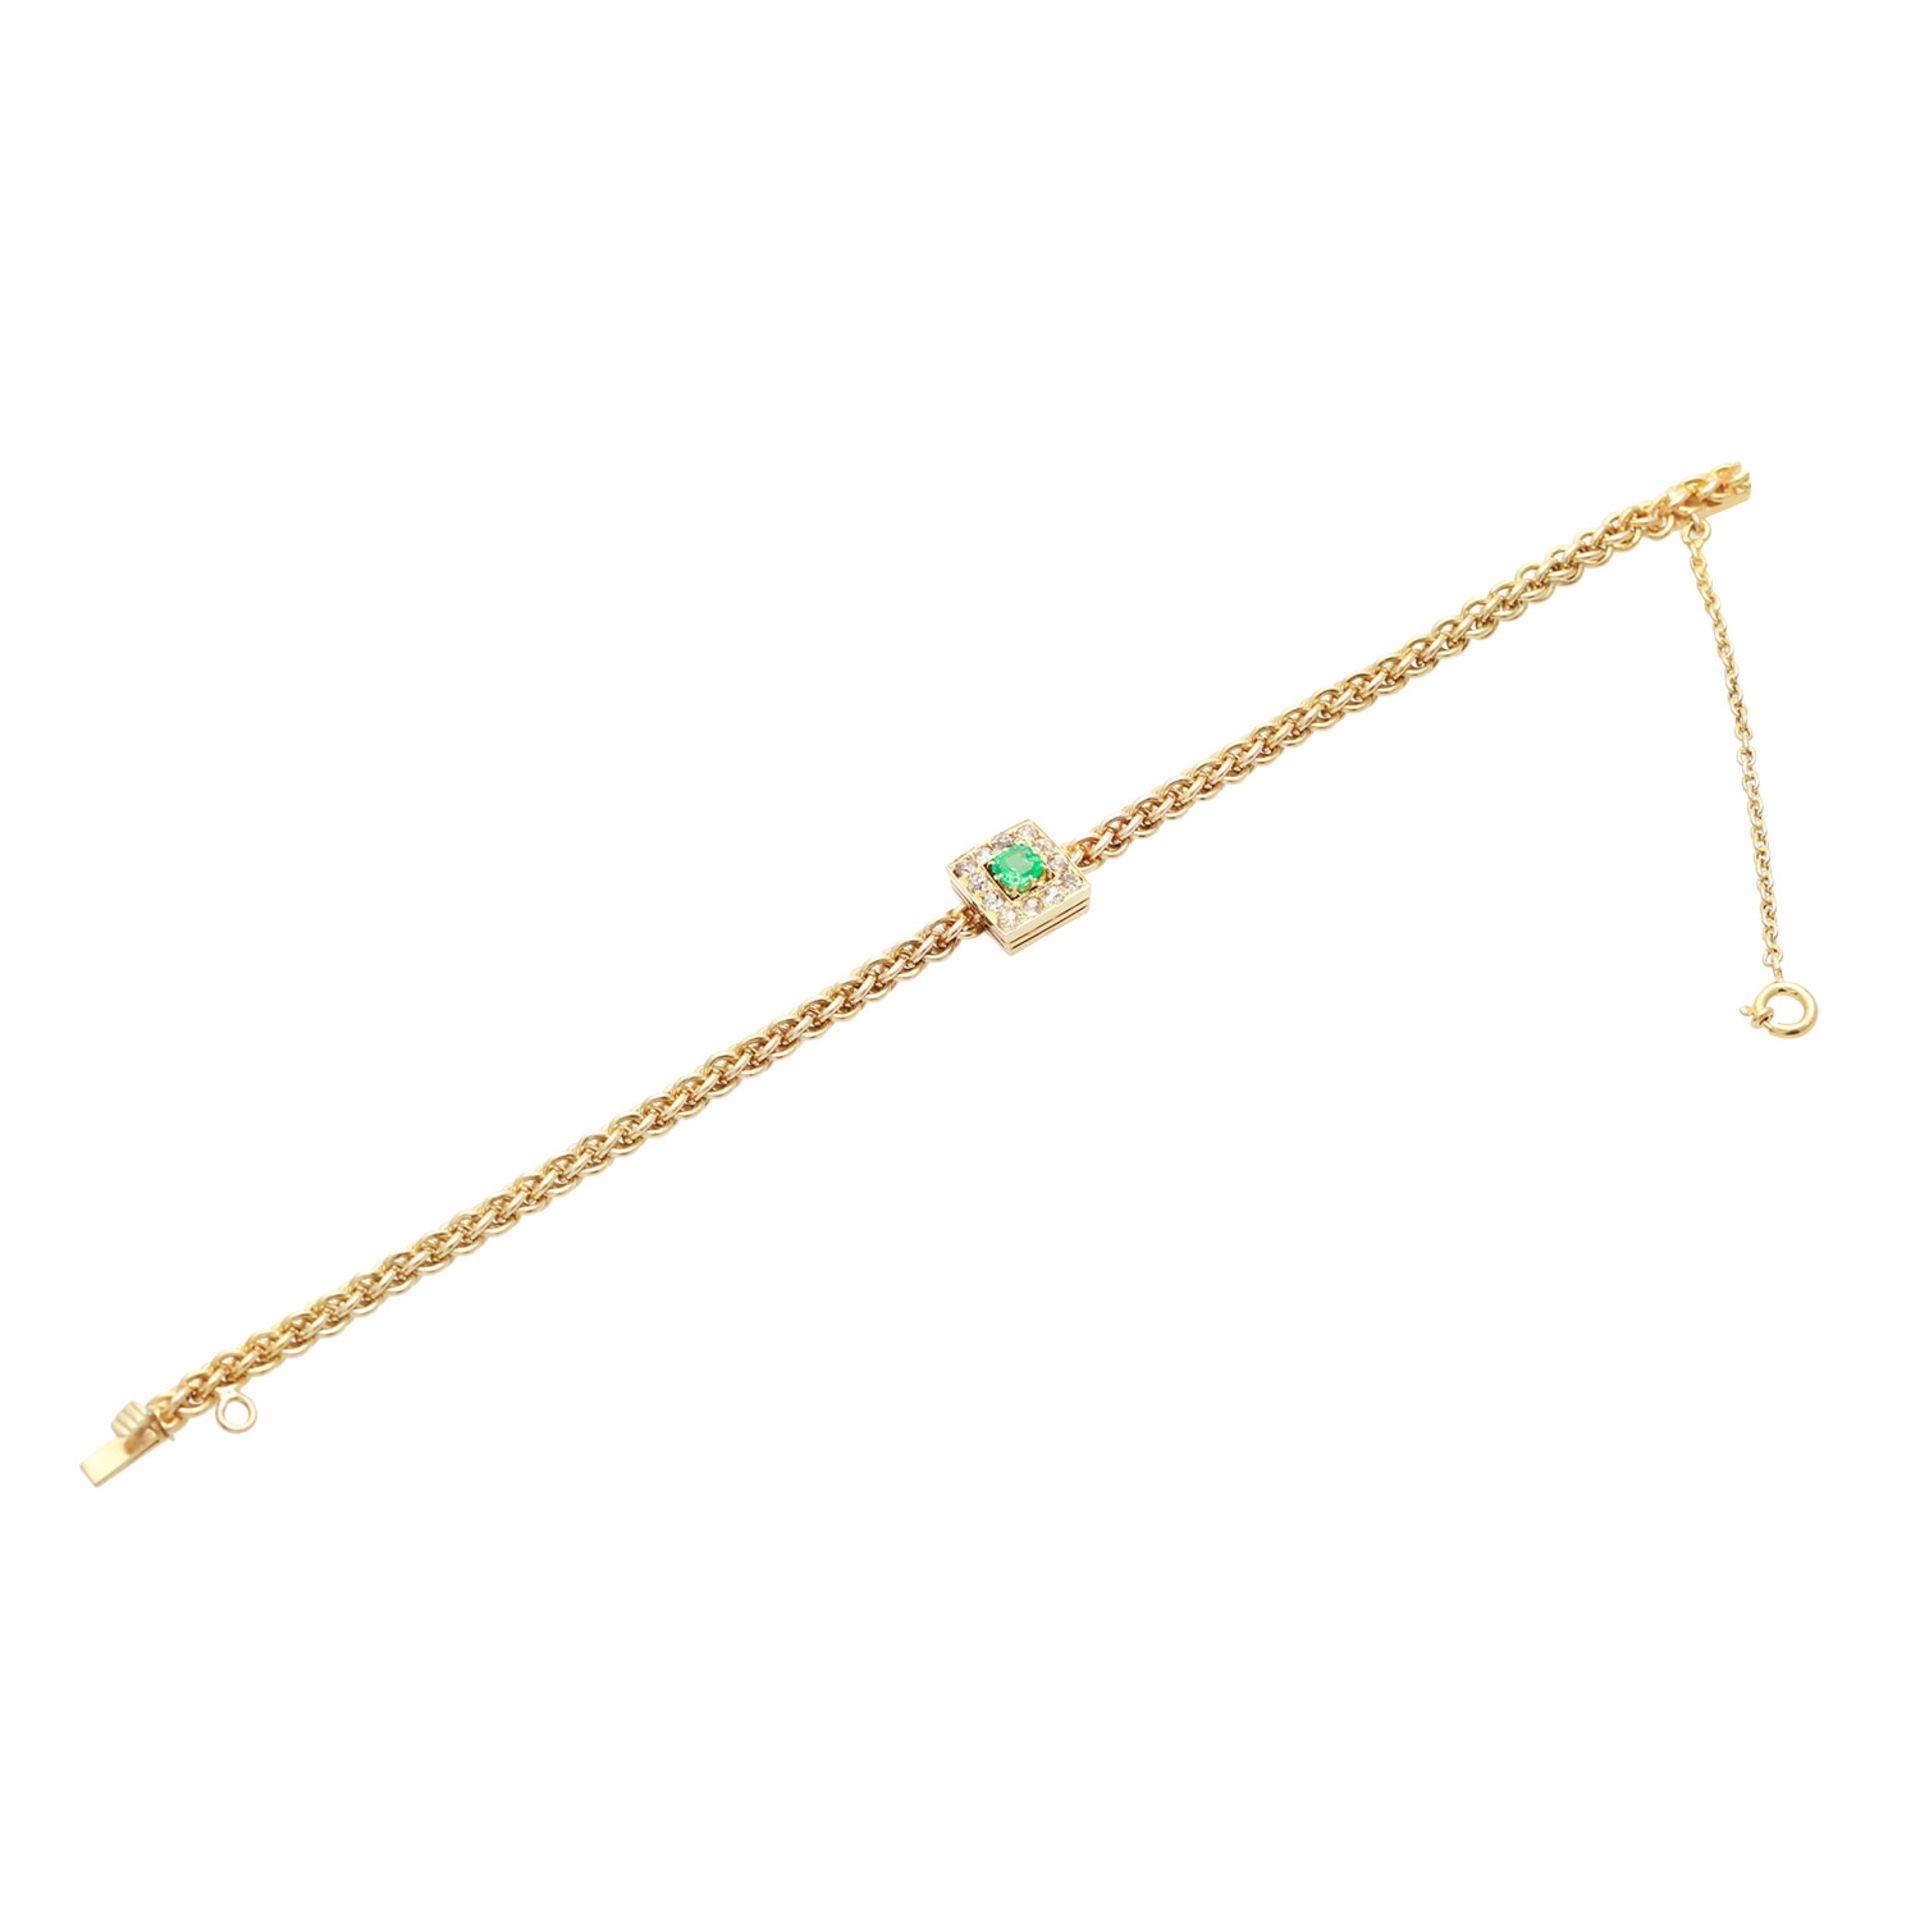 Los 128 - Armkette mit Smaragd im Mittelteil, Russl. GG 14K, Kette als Ösengeflecht, Smaragd im Achtkant